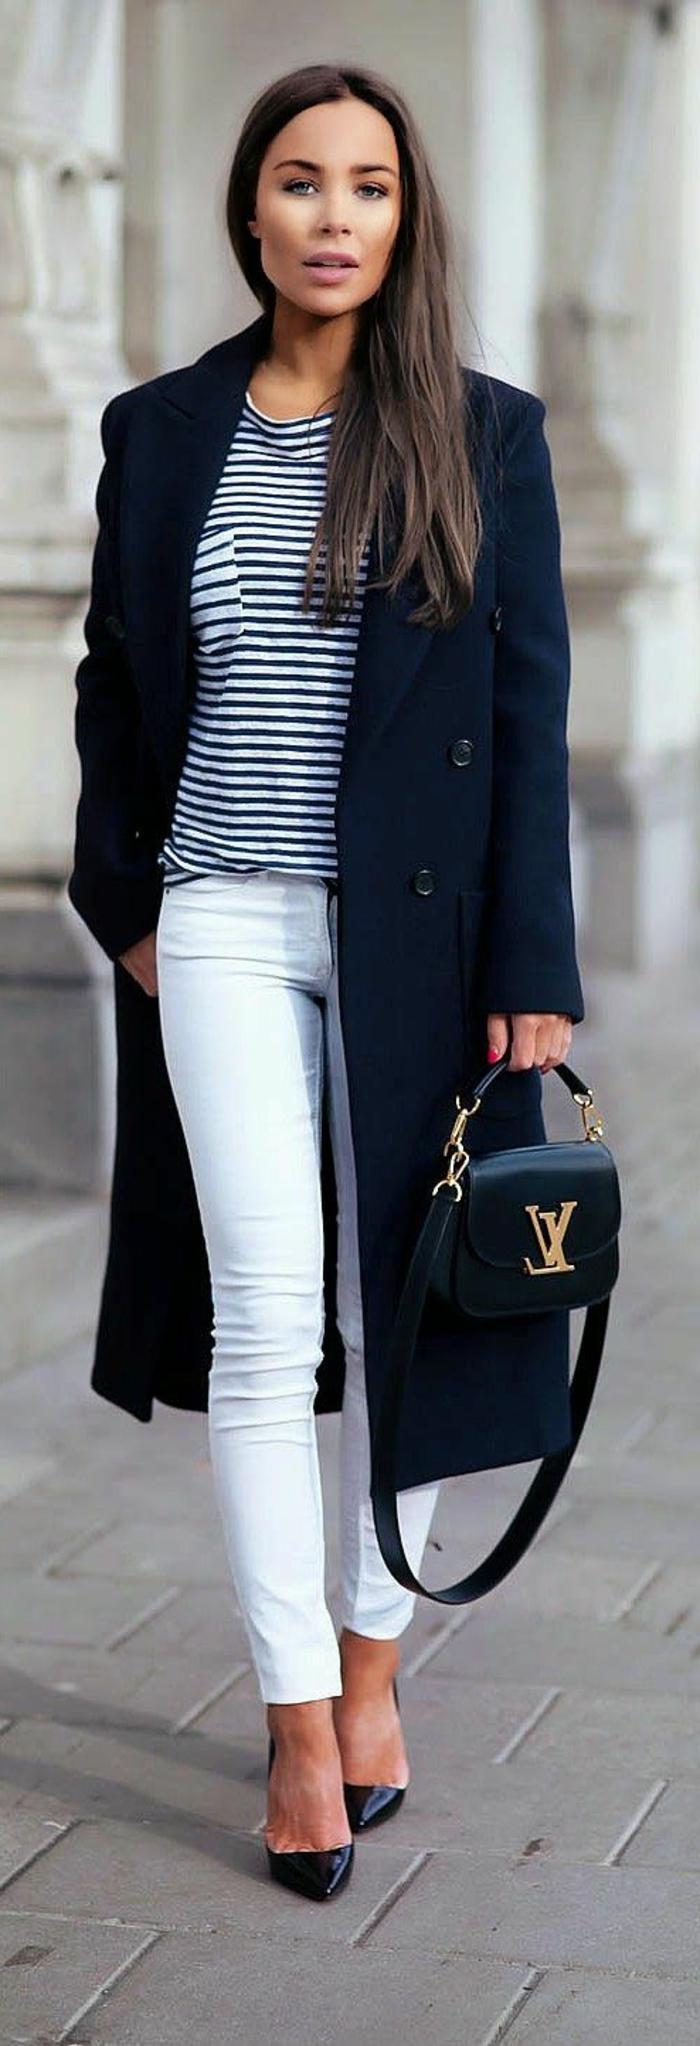 1-un-manteau-long-femme-noir-une-vision-élégante-avec-t-chirt-à-rayures-blanches-noires